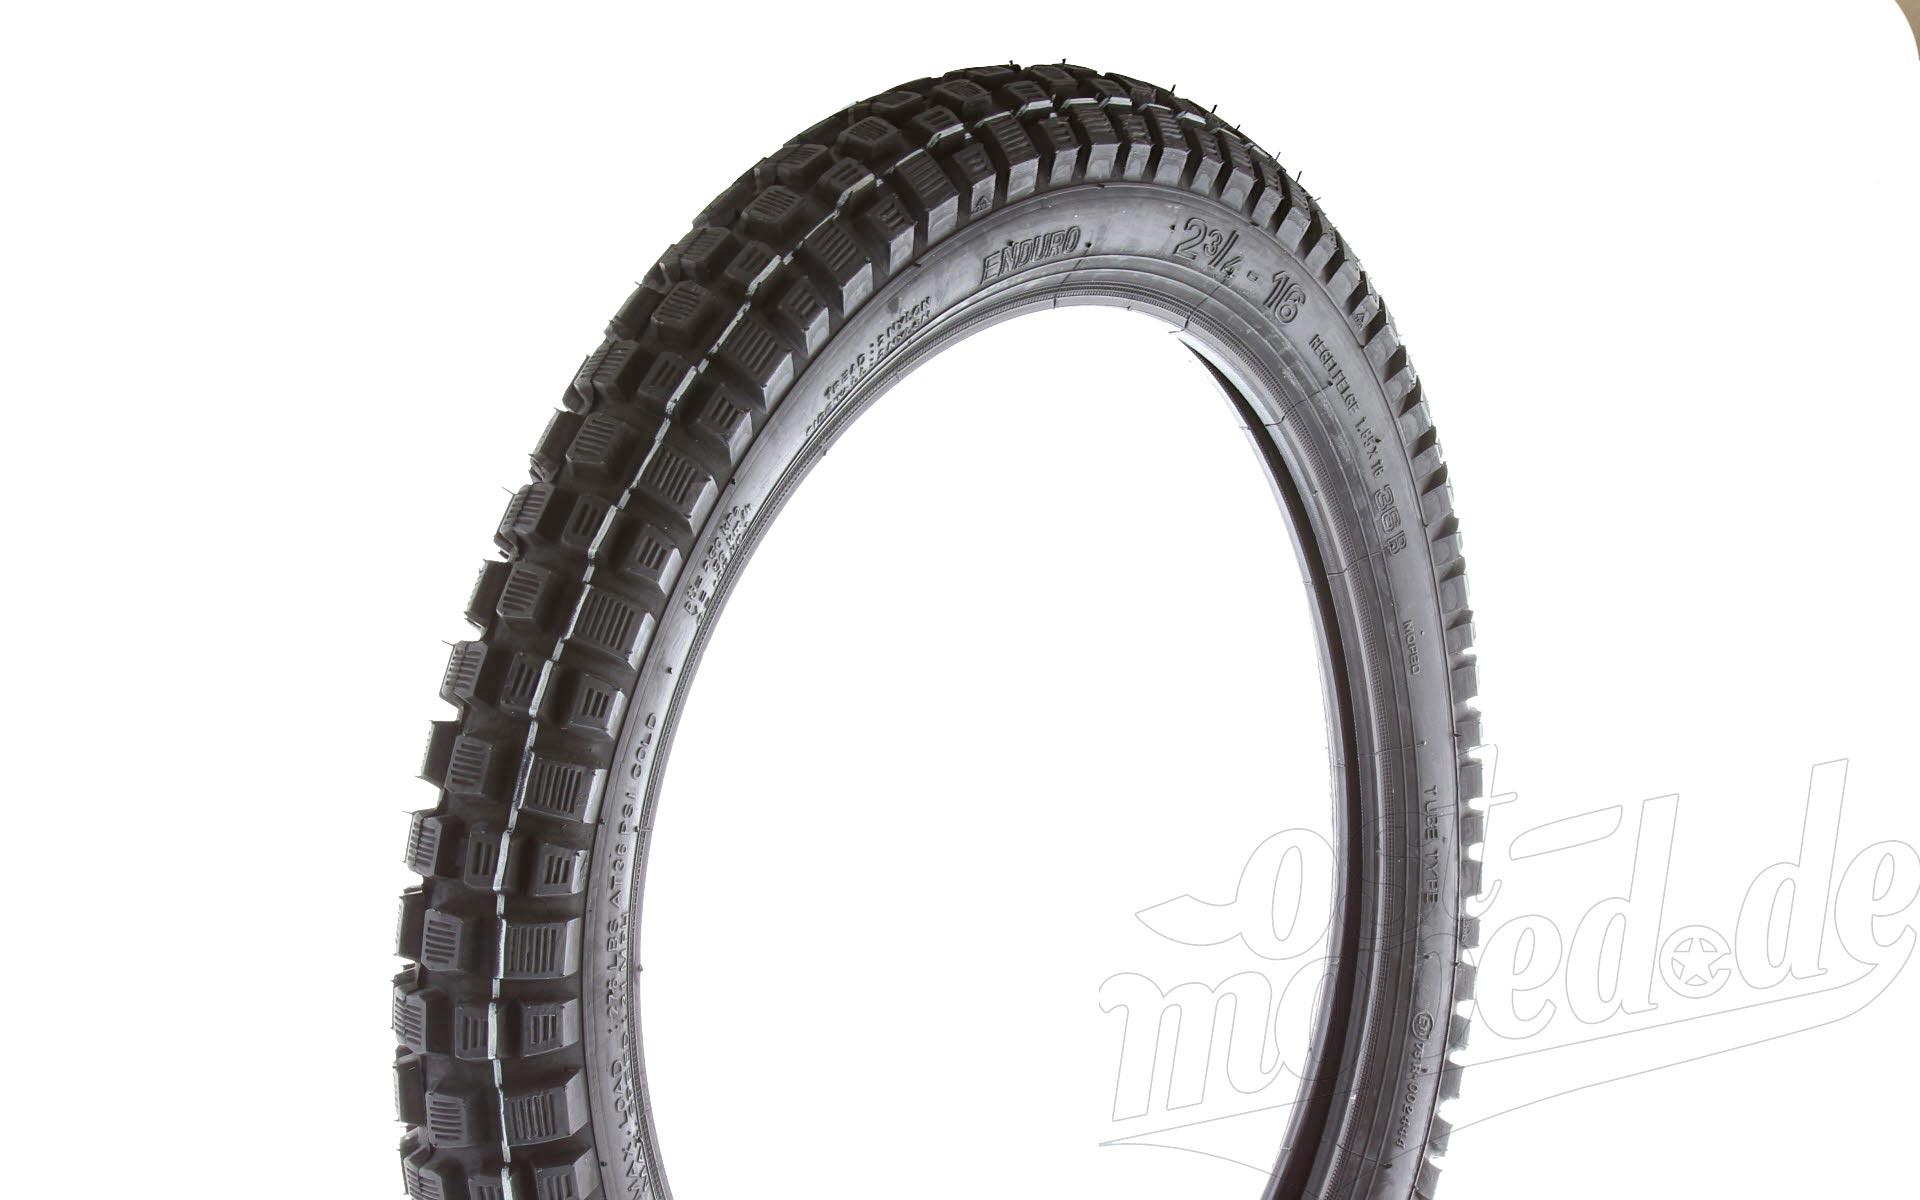 Reifen 2,75 x 16 - VRM 186 - S50, S51, S53, KR51/1, KR51/2, SR4-1, SR4-2, SR4-3, SR4-4